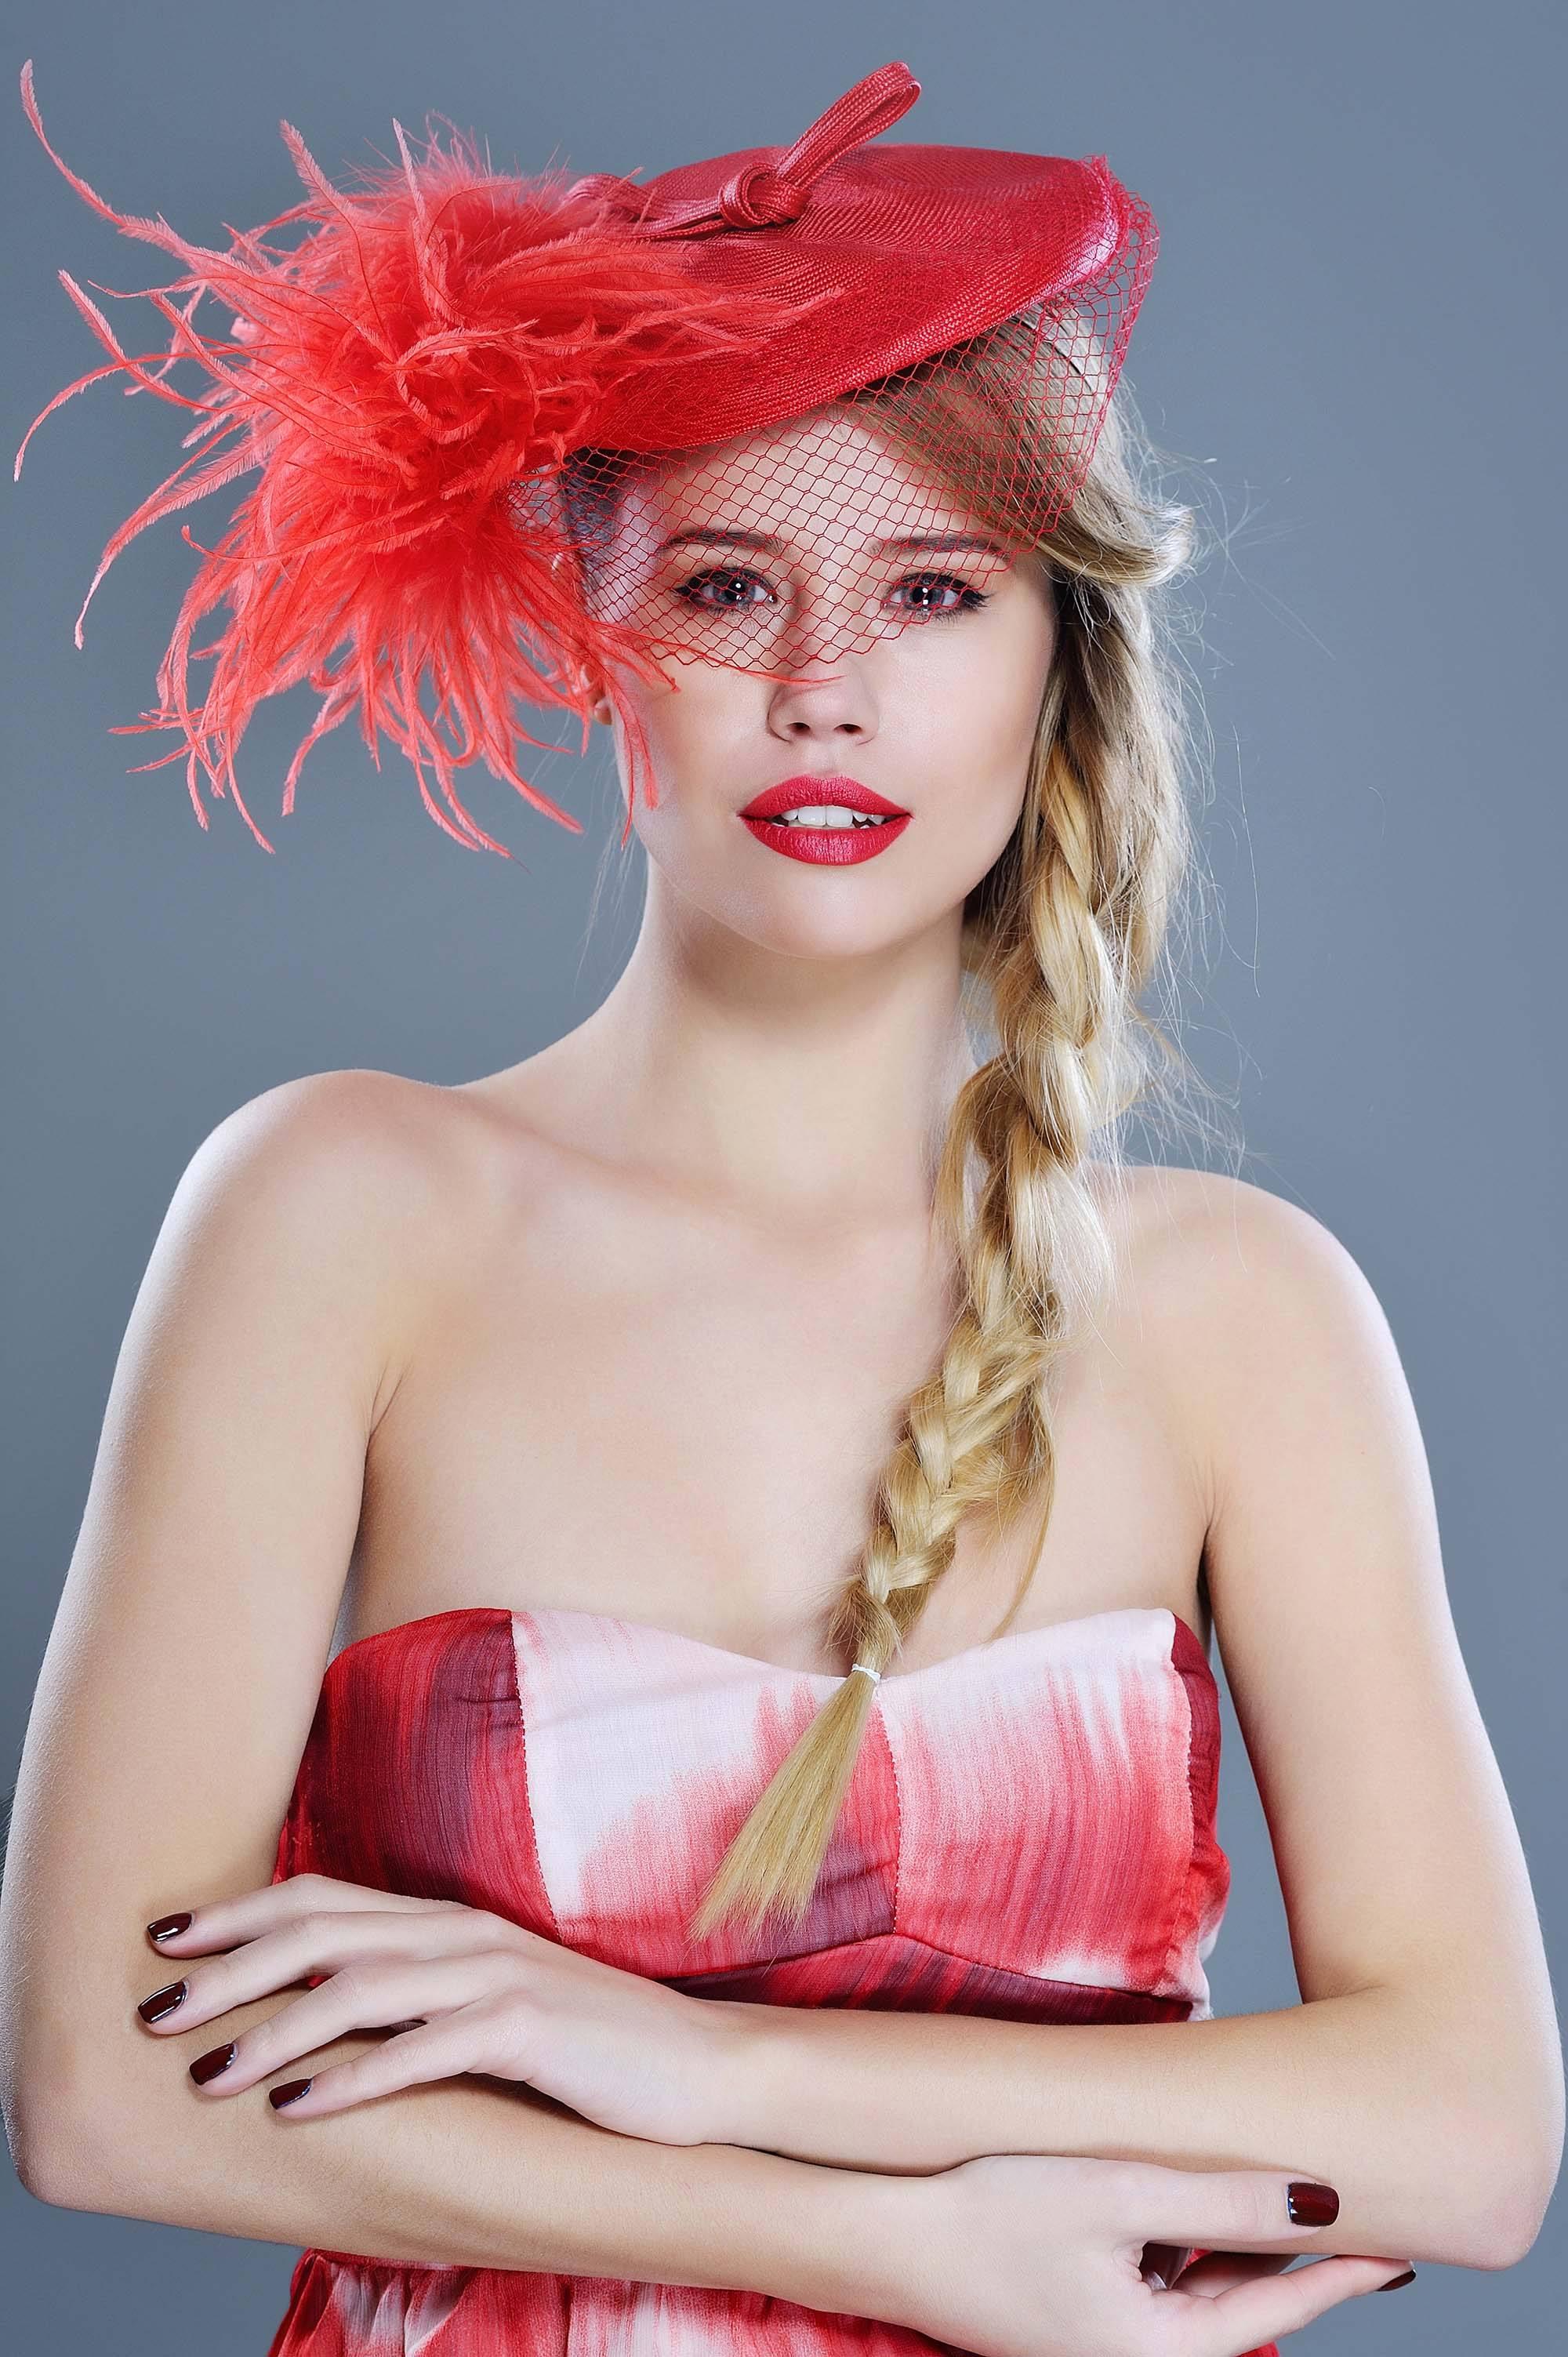 Mulher usa vestido branco e vermelho e casquete vermelha com pensas no cabelo